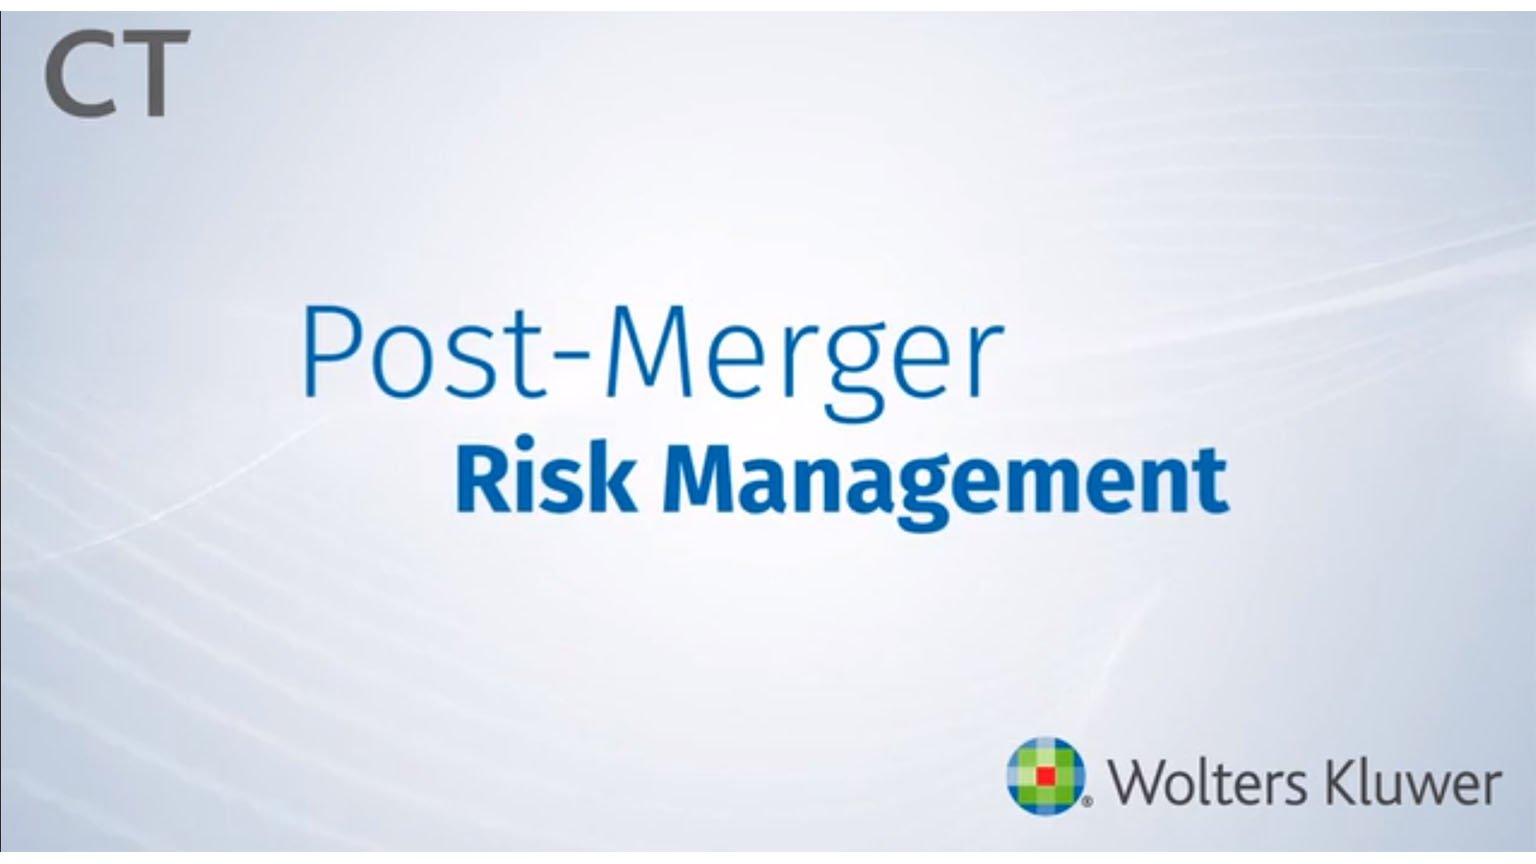 Post-Merger Risk Management